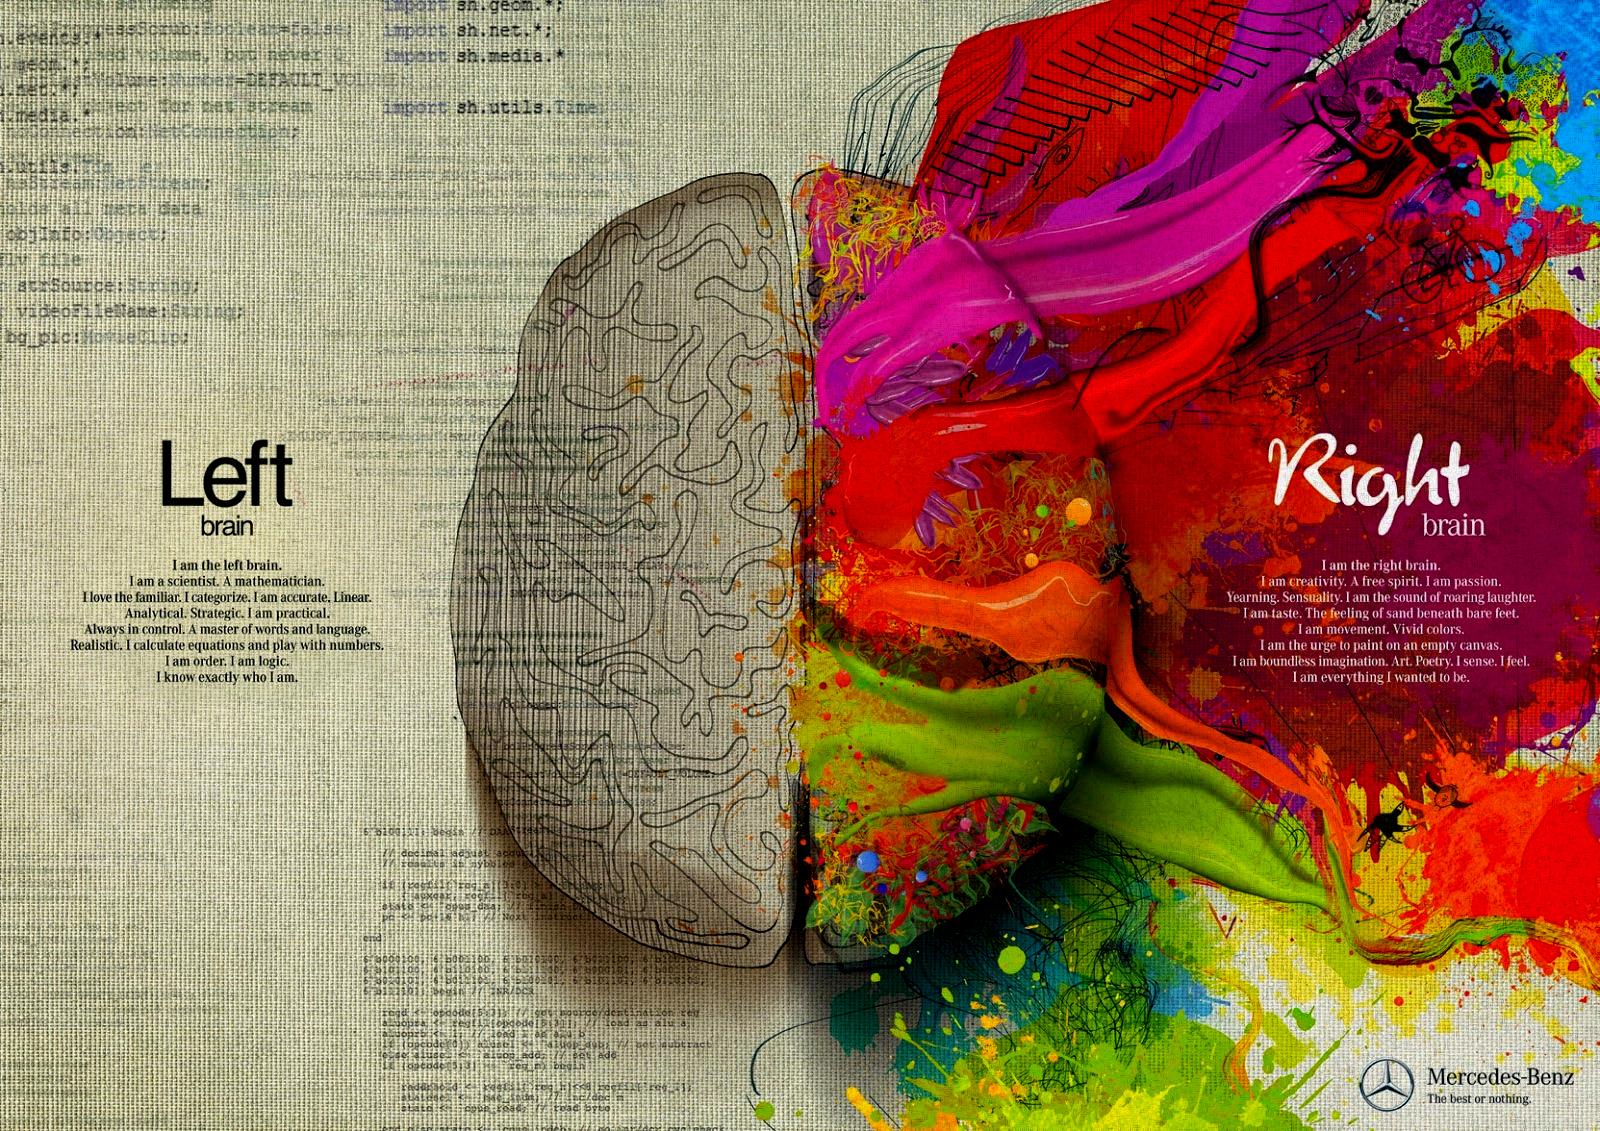 Left_brain_right_brain.jpg